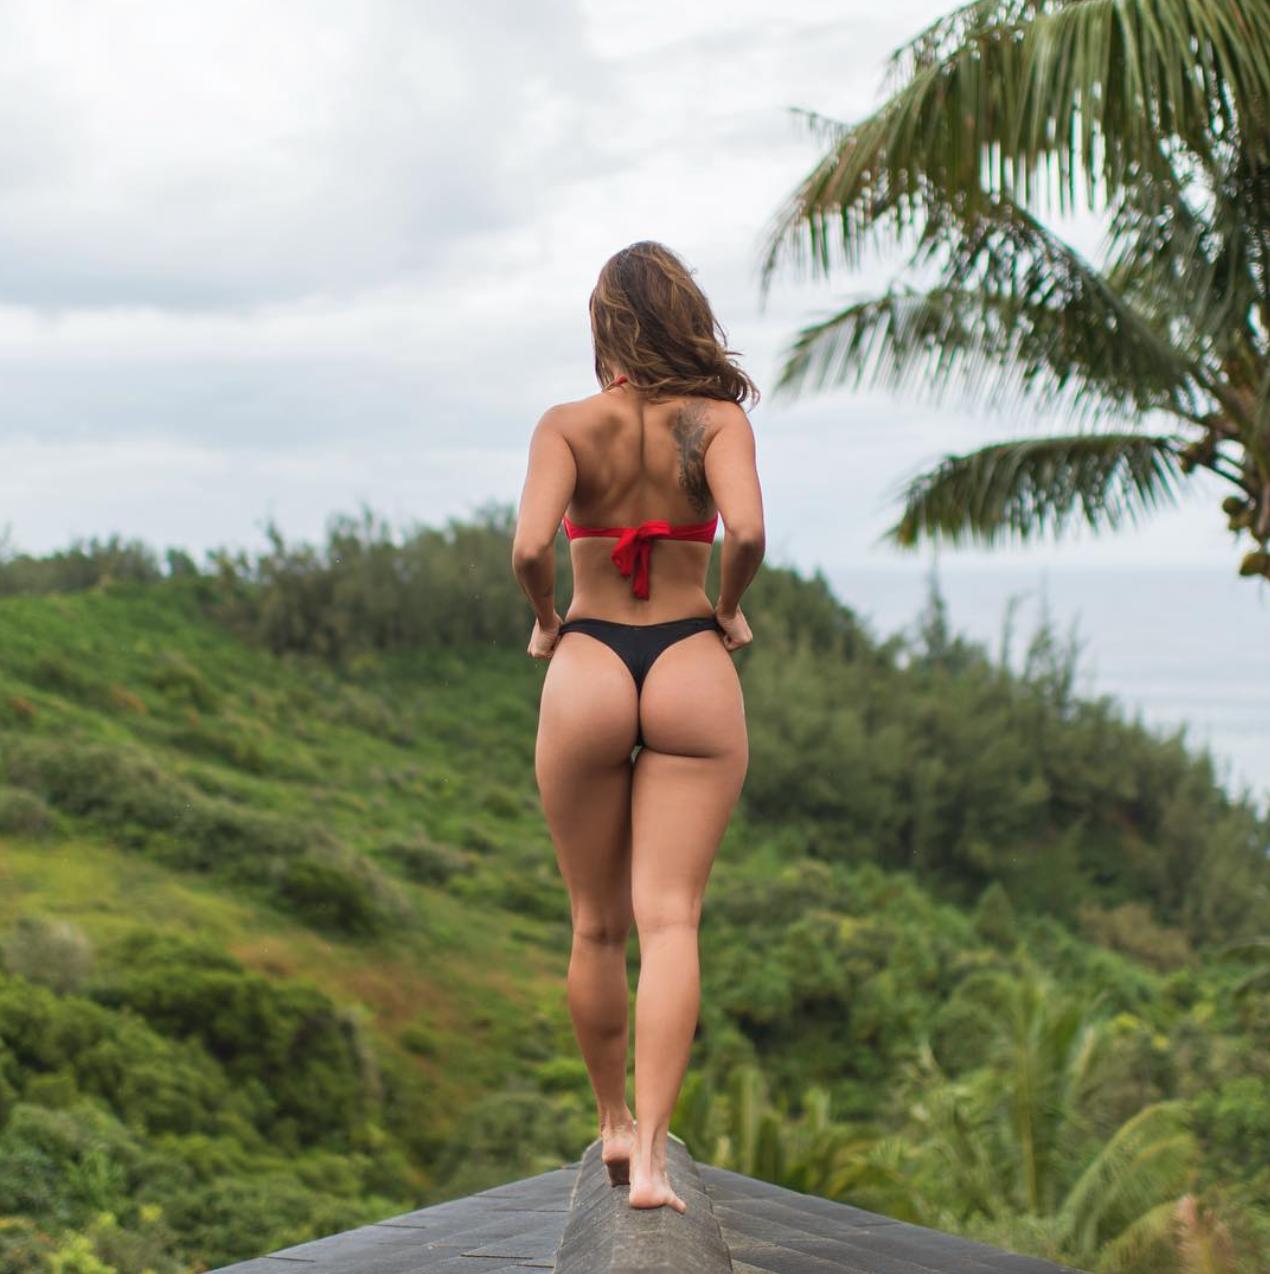 Odhalená ženská těla, skvělé prostředí a fotografie s nádechem glamouru. Instagram se stal rájem odvážných fotografů